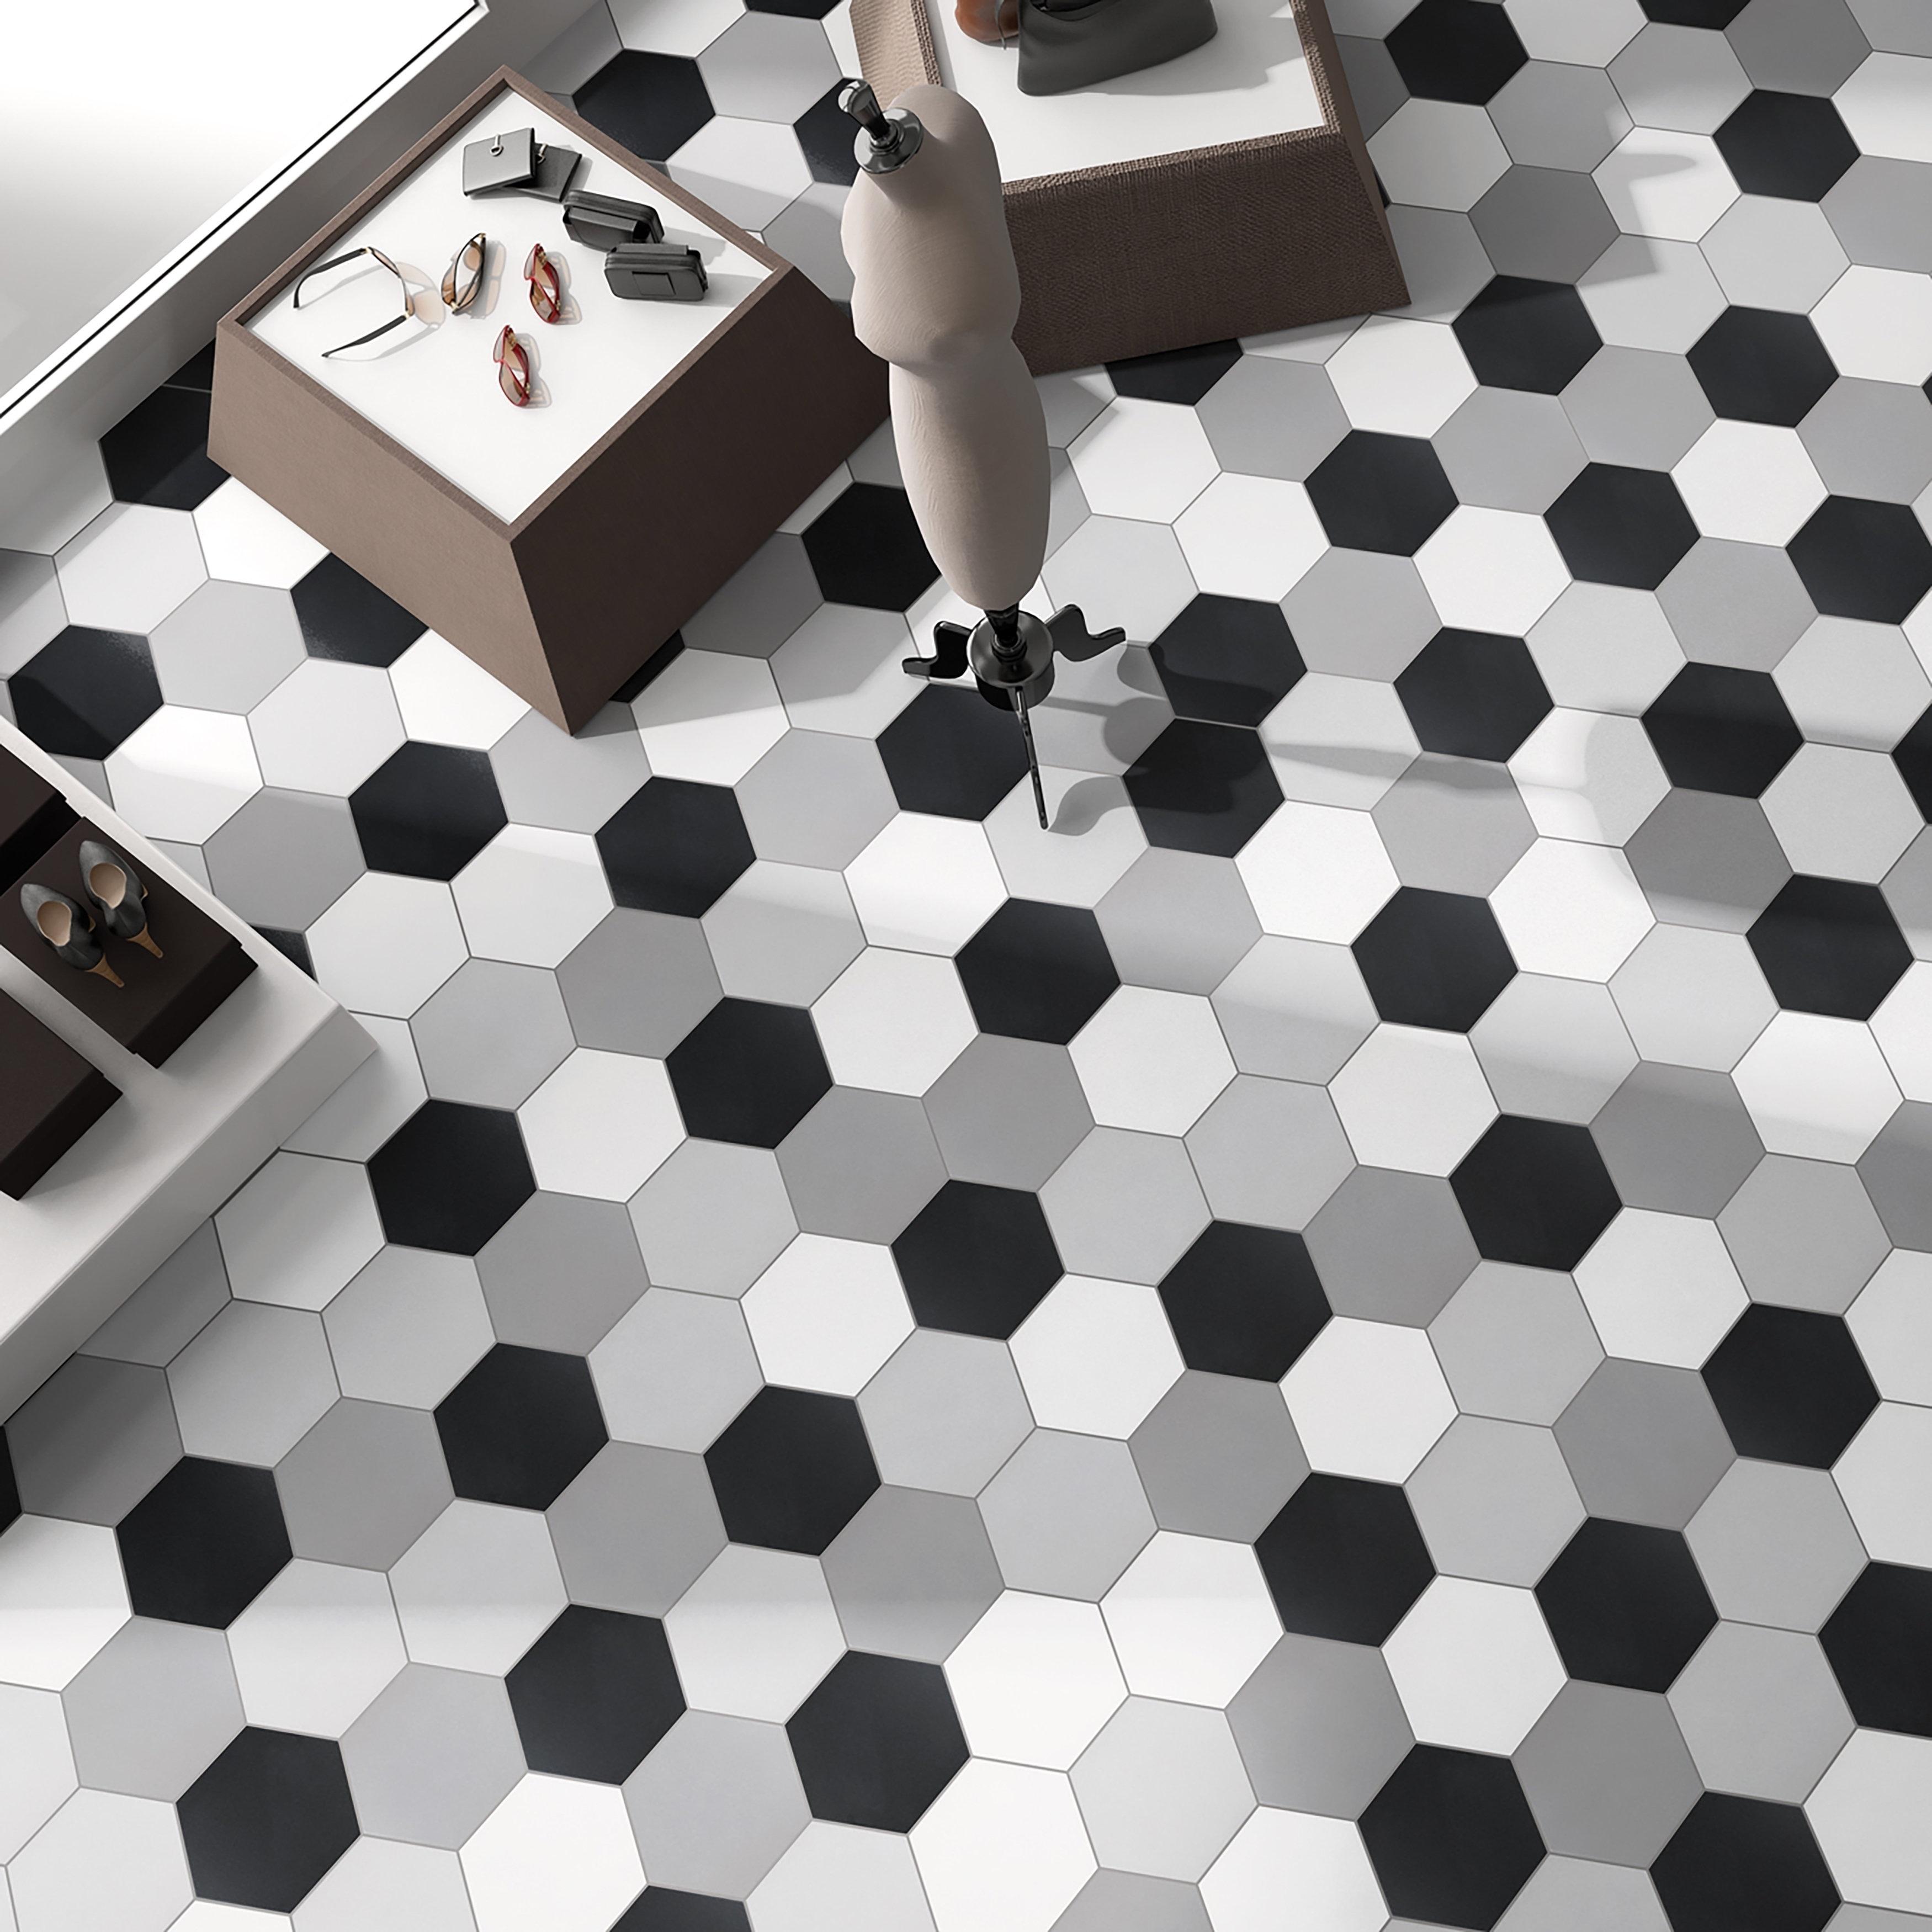 Shop Somertile 8625x9875 Inch Textilis Black Hex Porcelain Floor